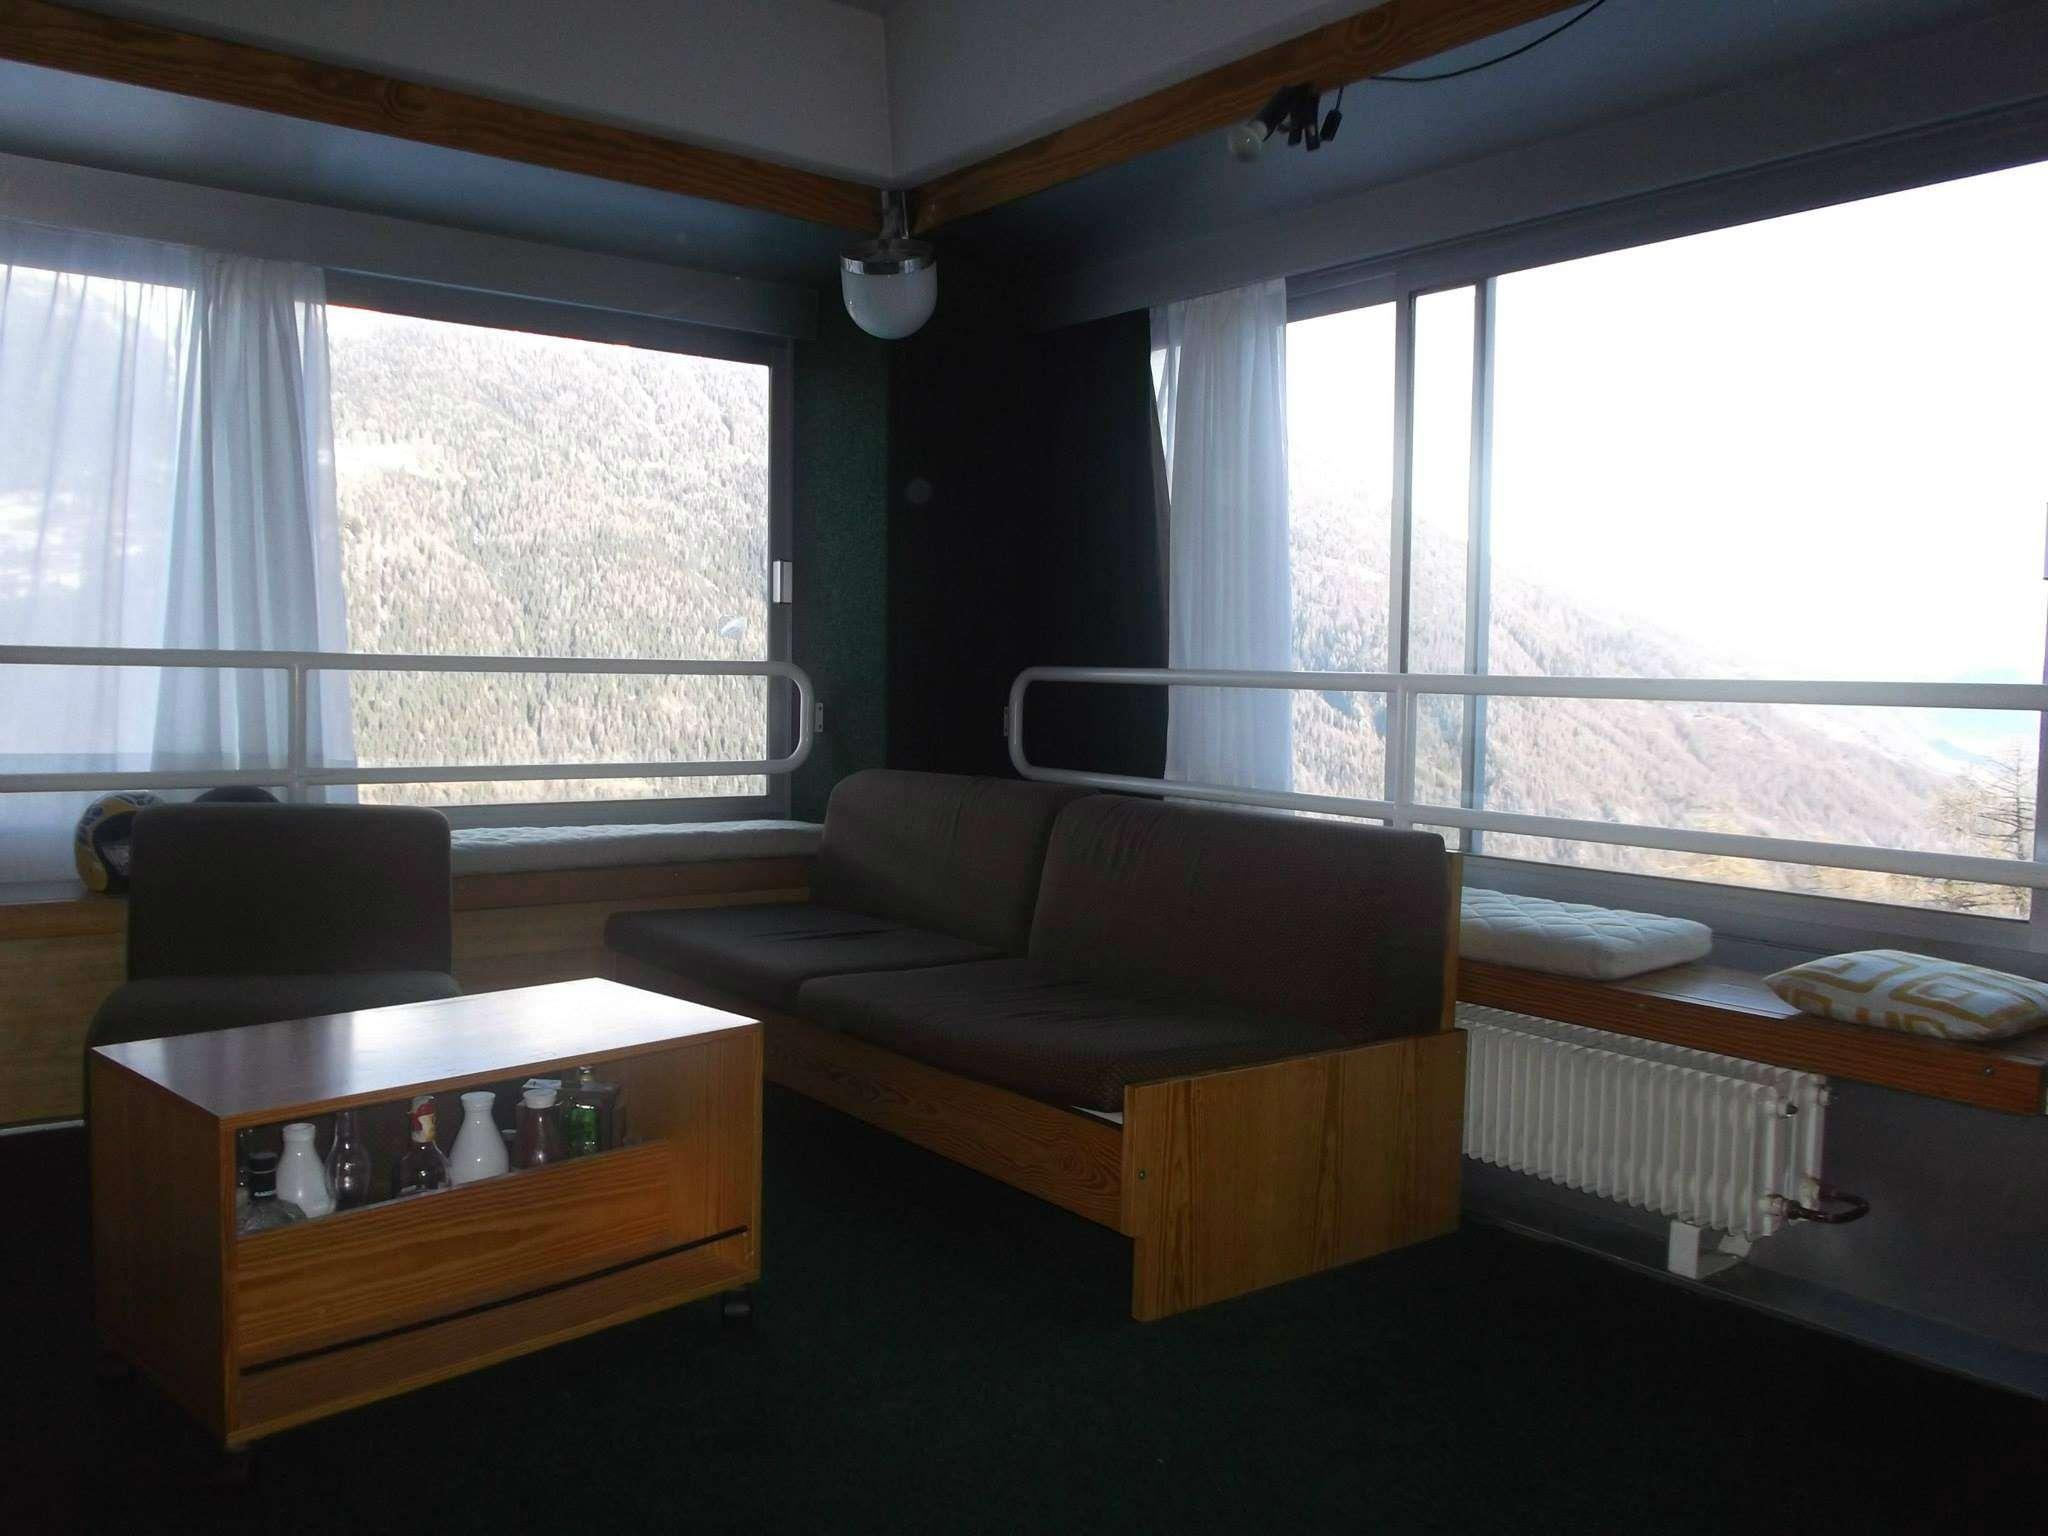 Appartamento bilocale in vendita a Mezzana (TN)